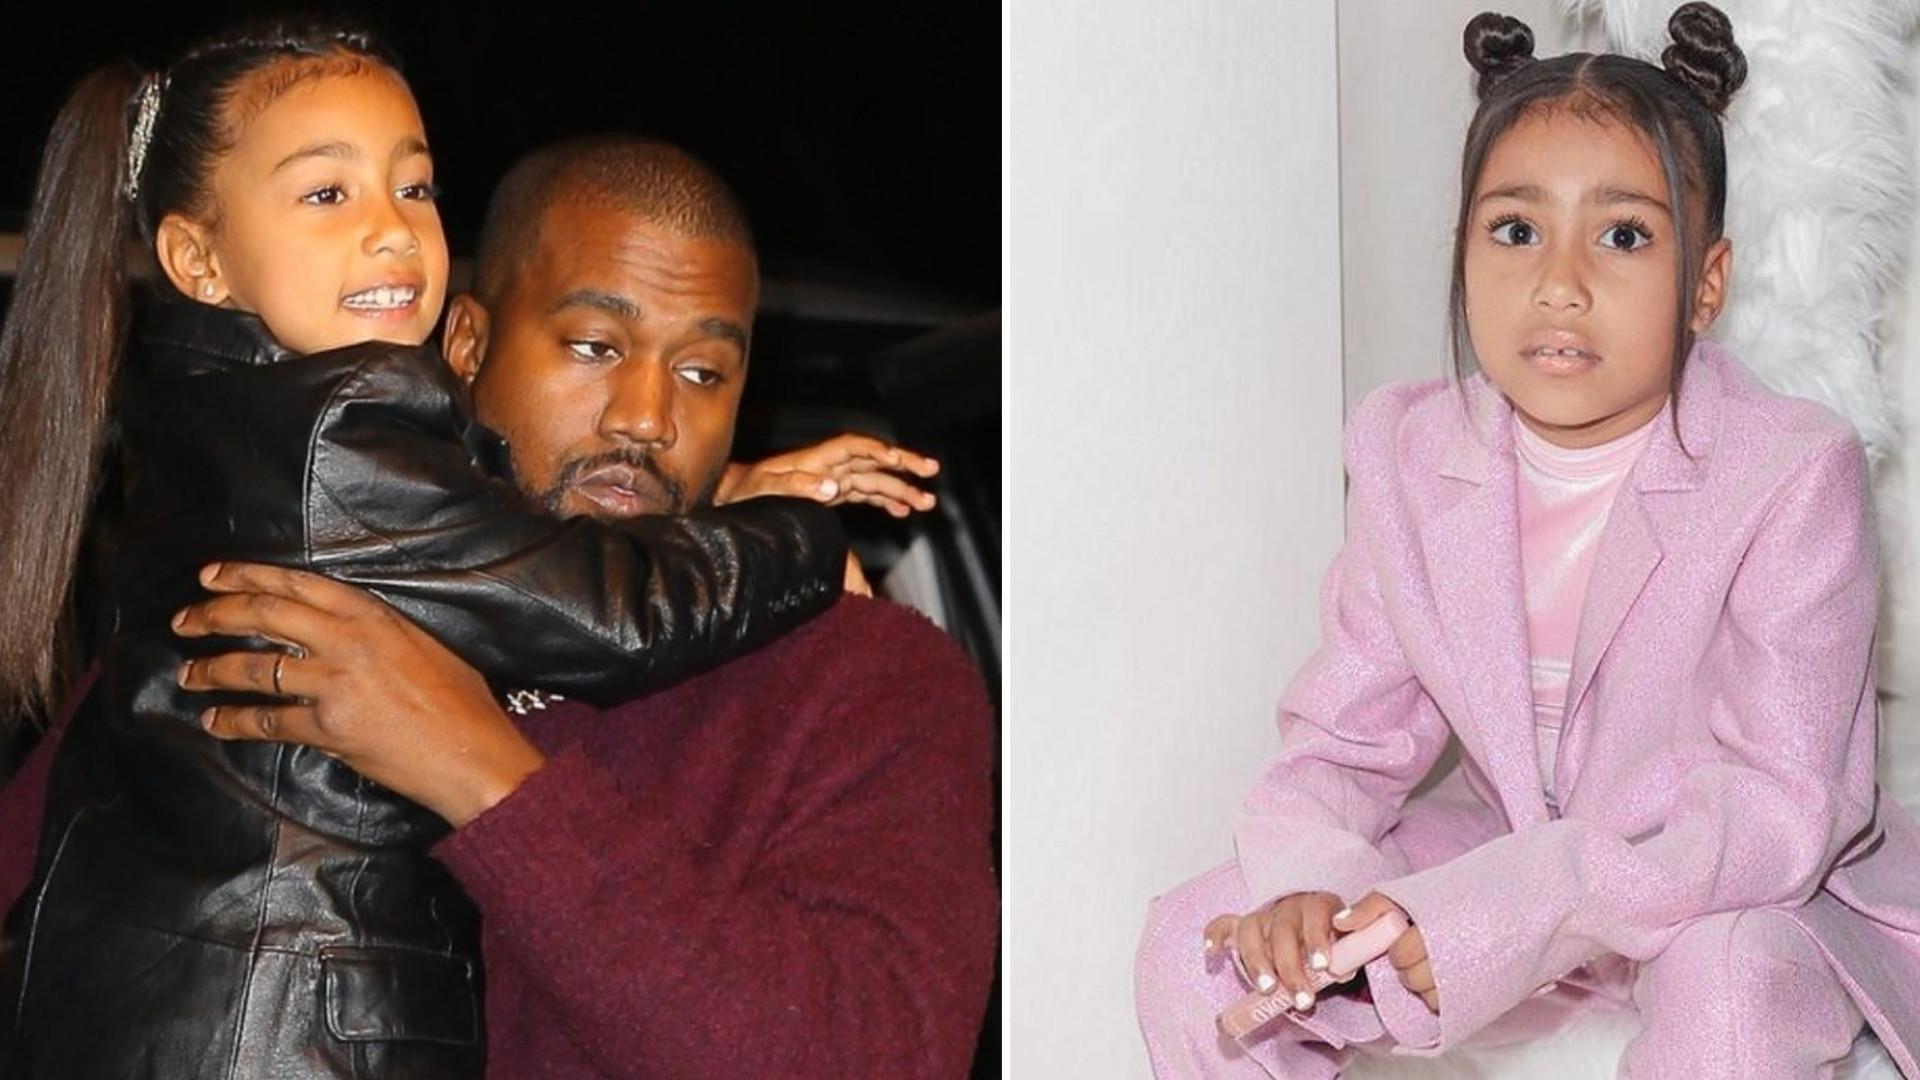 North West podbija TikToka. Córka Kim Kardashian będzie wielką gwiazdą?